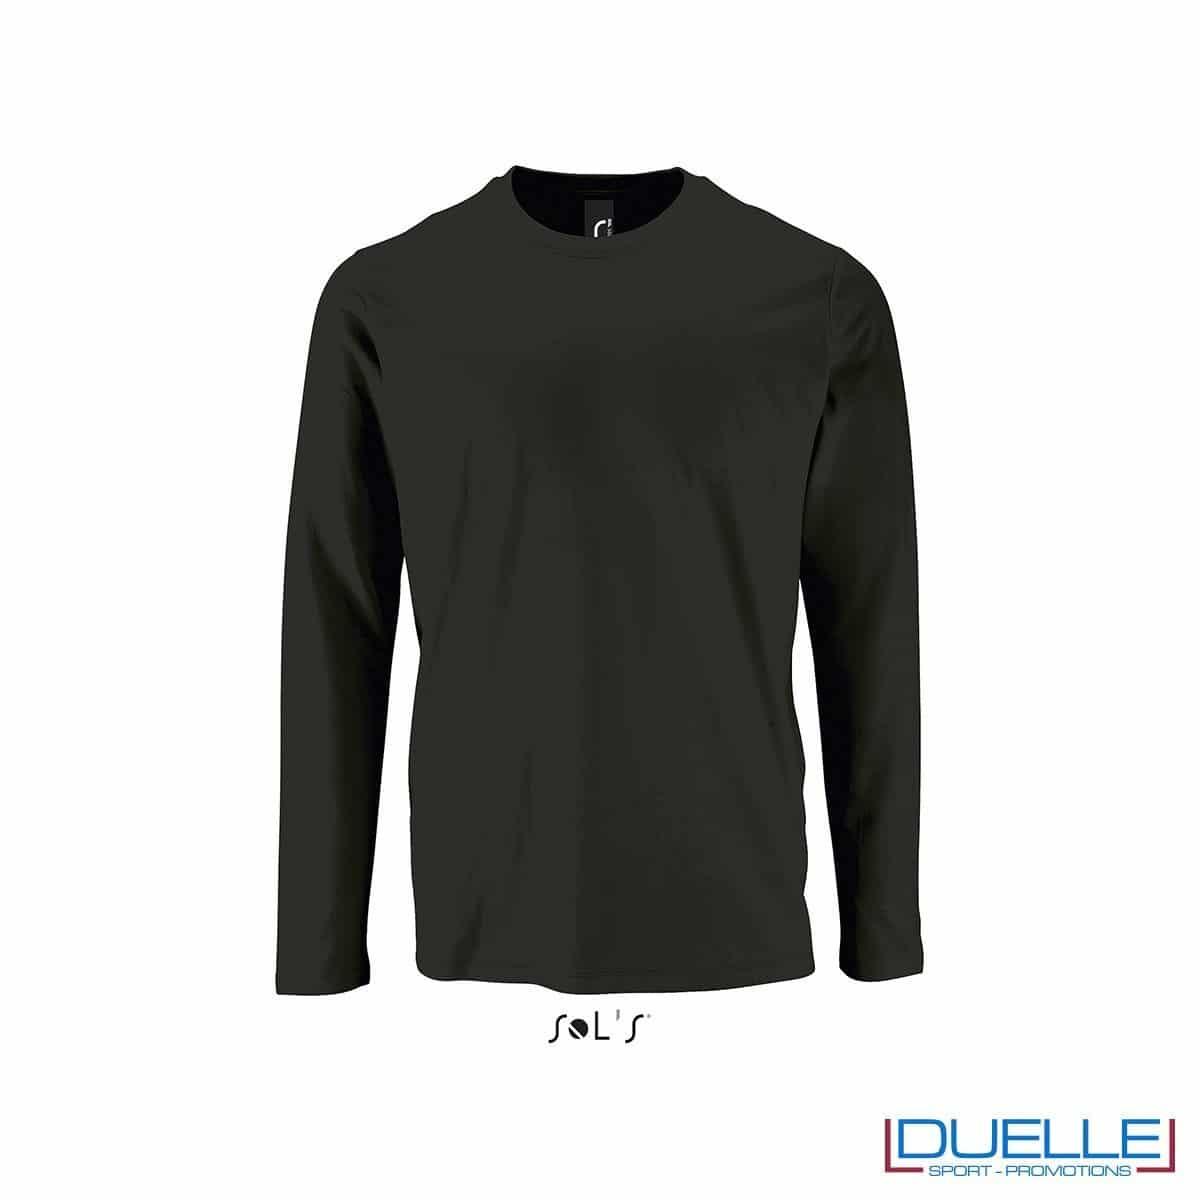 Maglietta manica lunga uomo personalizzata colore nero